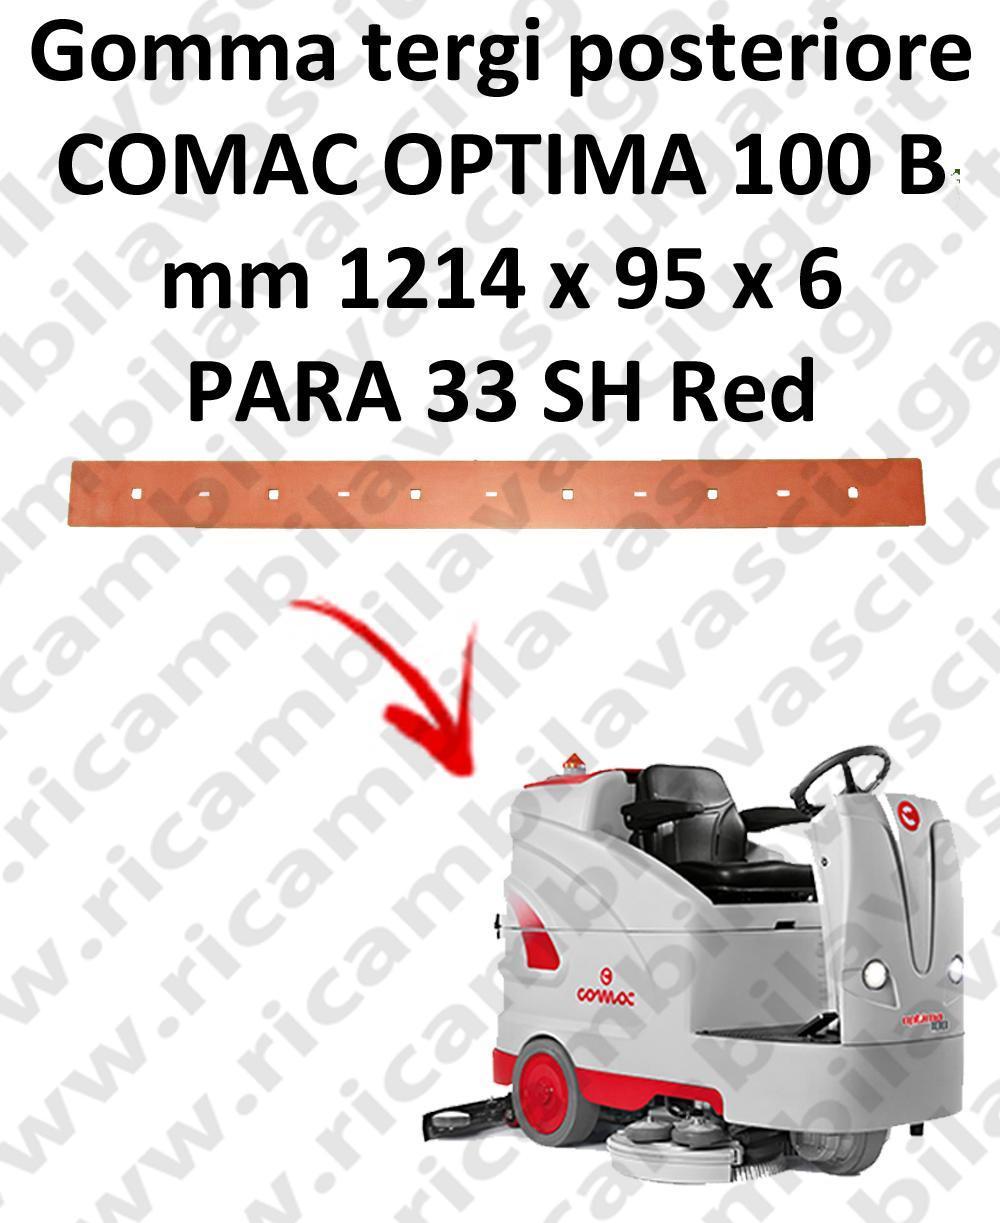 OPTIMA 100B BAVETTE ARRIERE pour autolaveuses COMAC